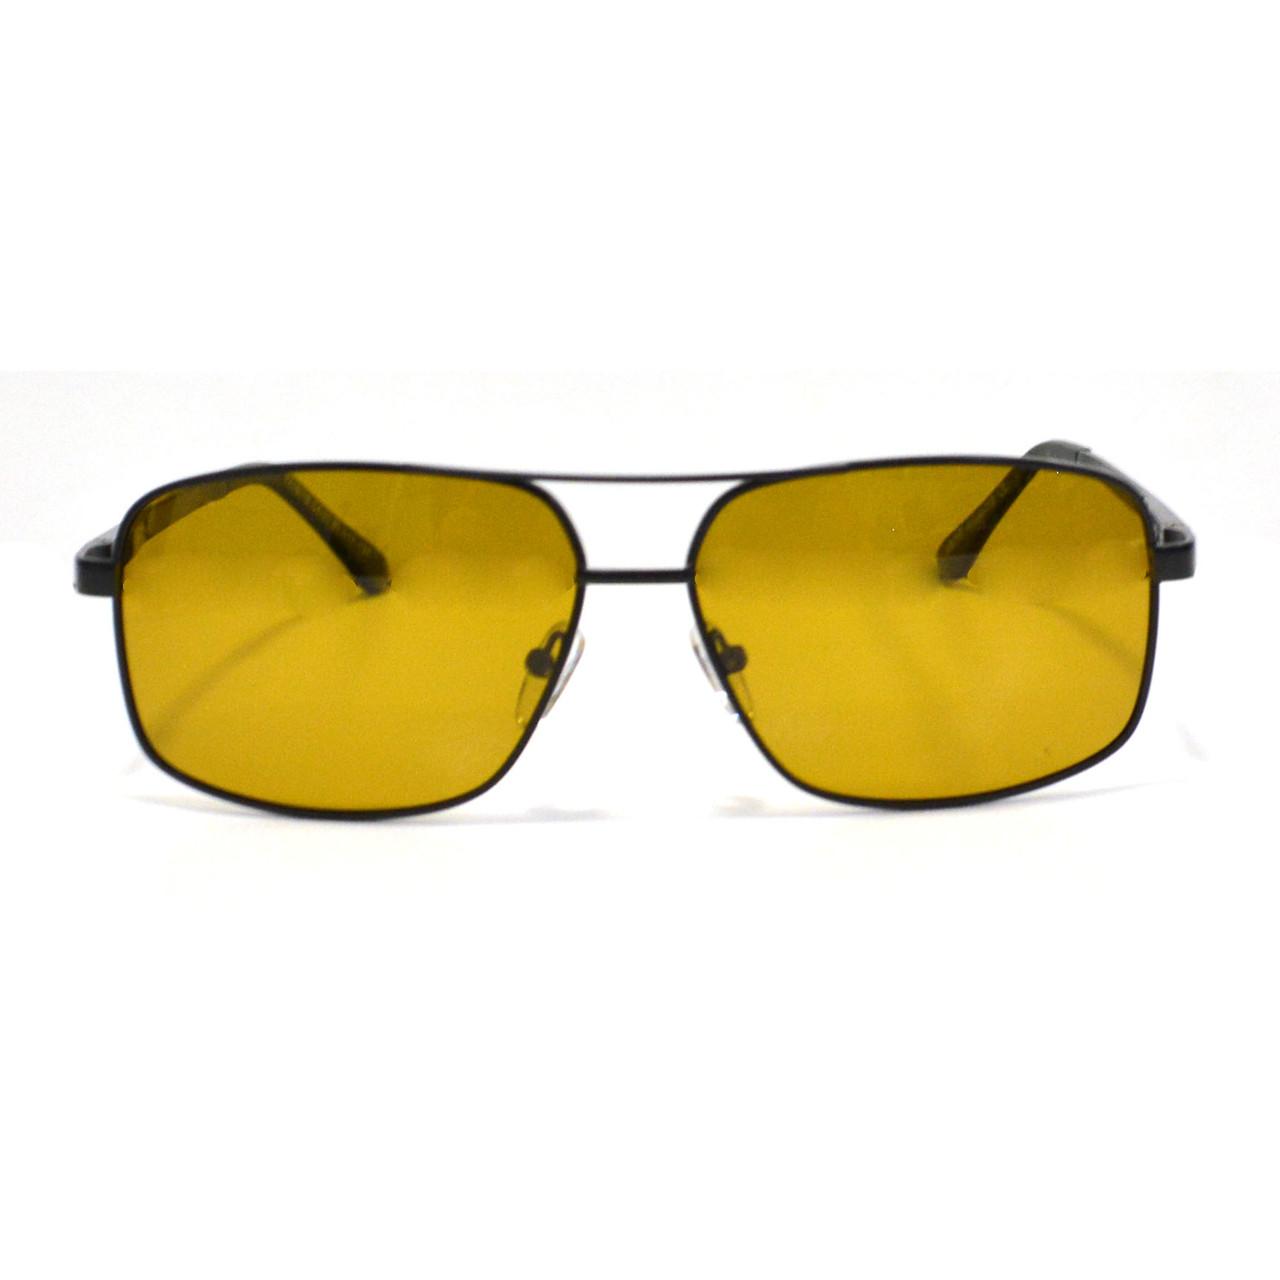 Солнцезащитные поляризационные очки ПОЛАРОИД UV400 тонкая сдвоенная оправа коричневые стекла АВТО PX16119 - фото 5